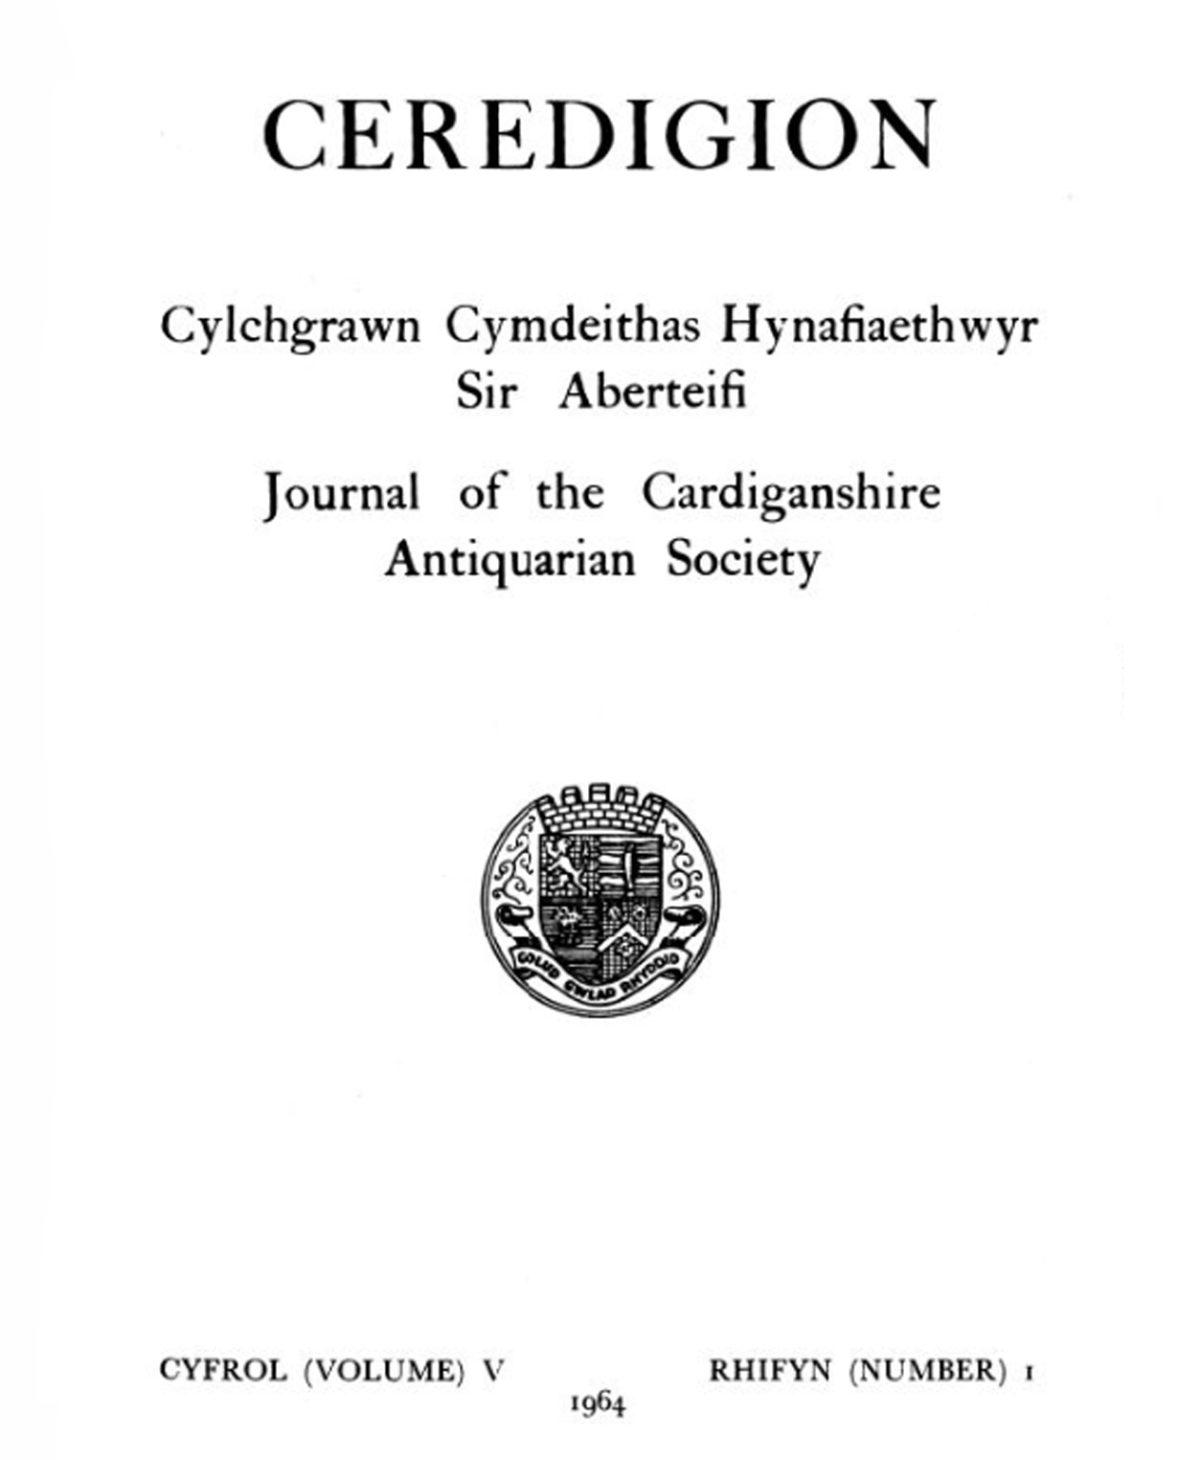 Ceredigion – Cylchgrawn Cymdeithas Hynafiaethwyr Sir Aberteifi, 1964 Cyfrol V Rhifyn I